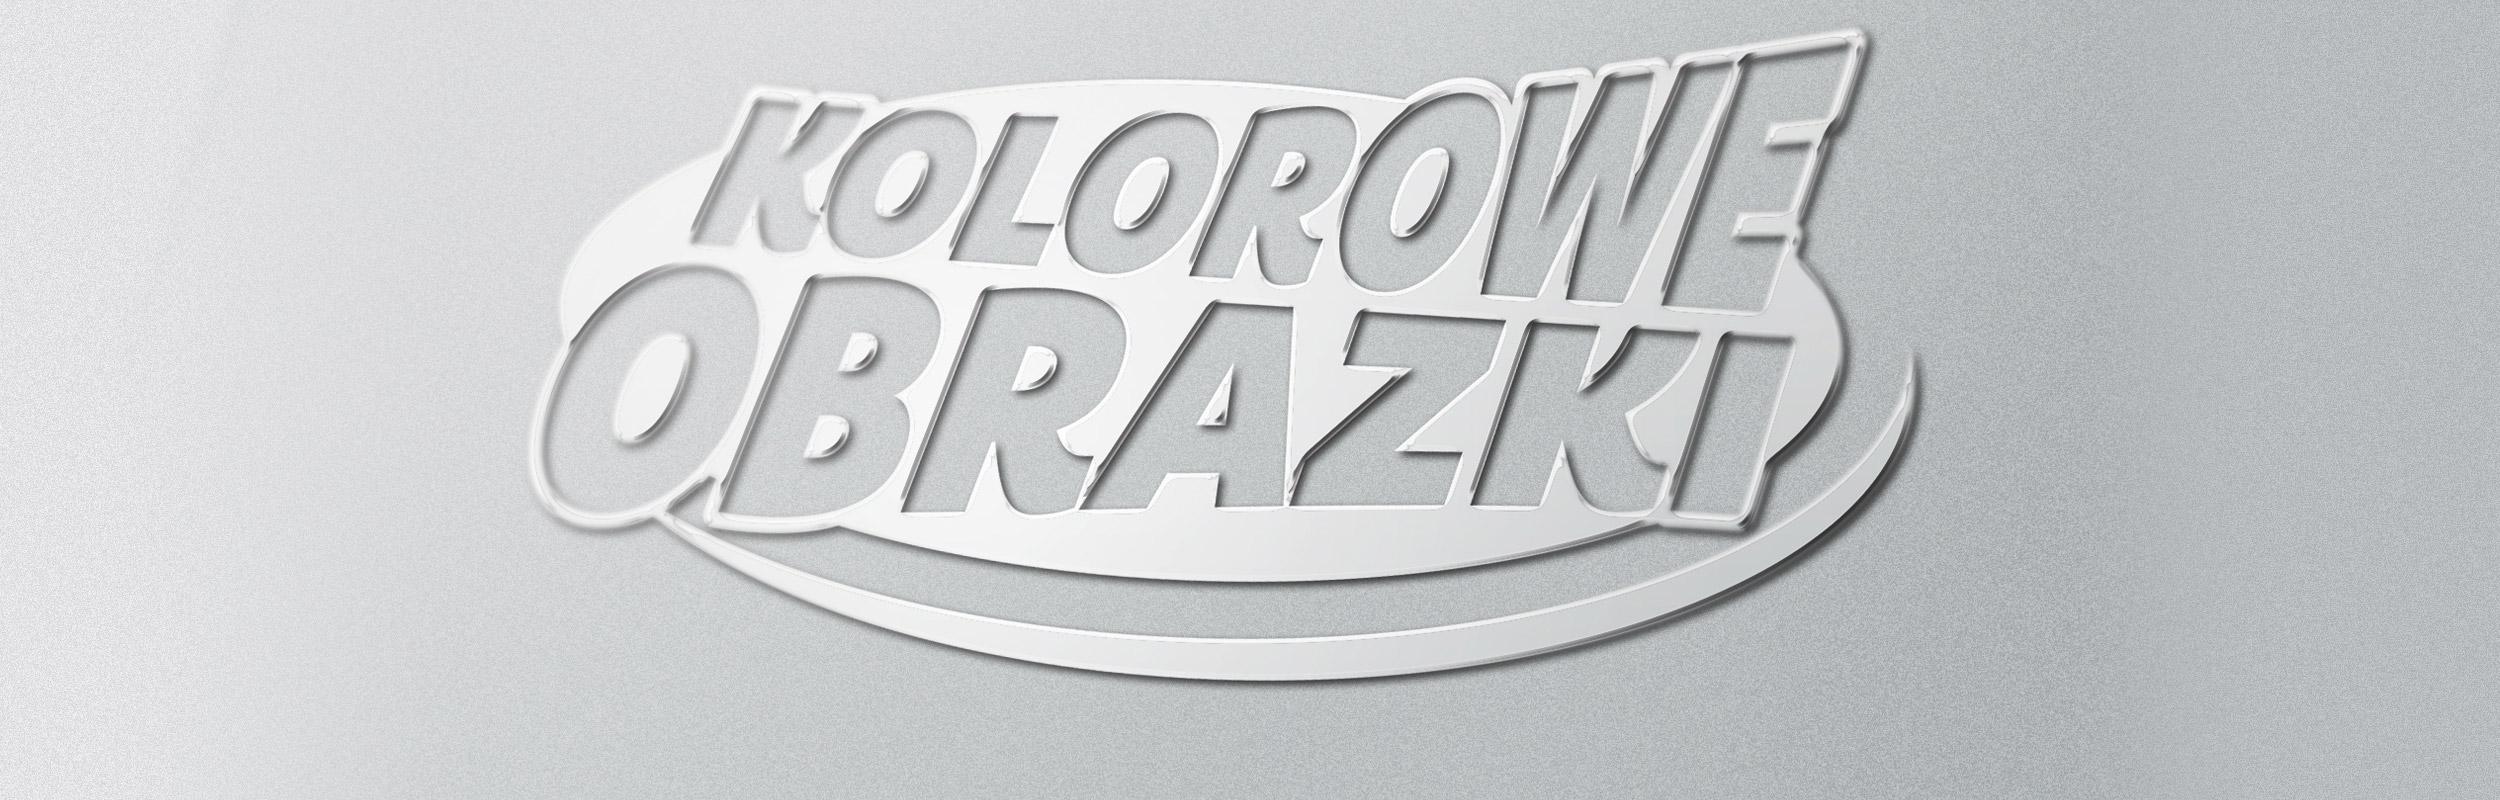 Nowe logo portalu Kolorowe-Obrazki.pl - Kolorowanki dla dzieci